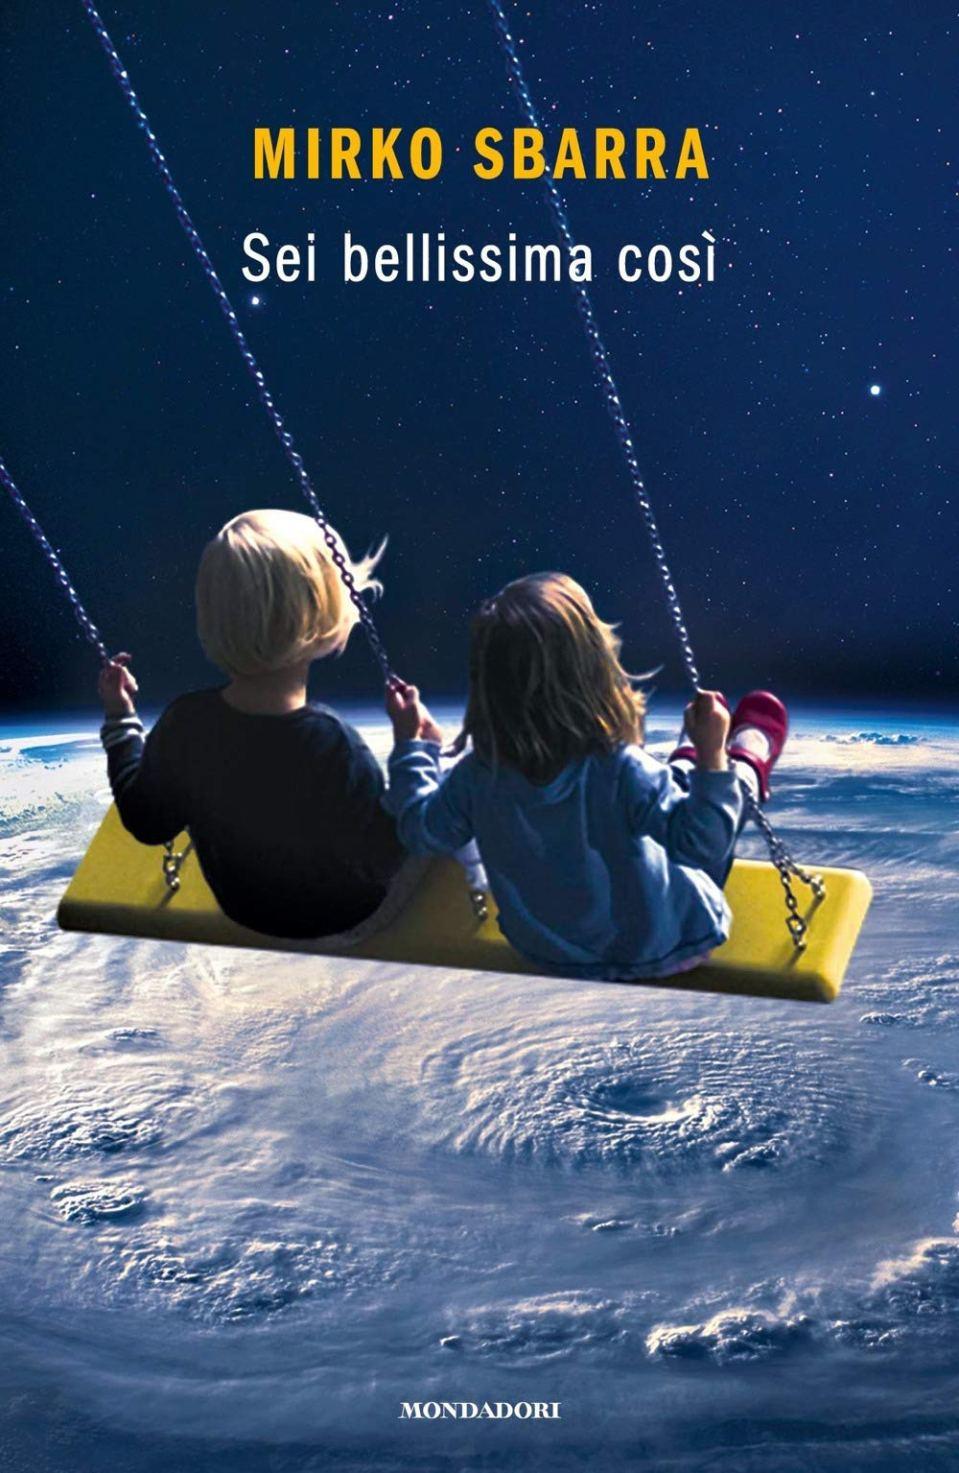 SEI BELLISSIMA COSI' Book Cover